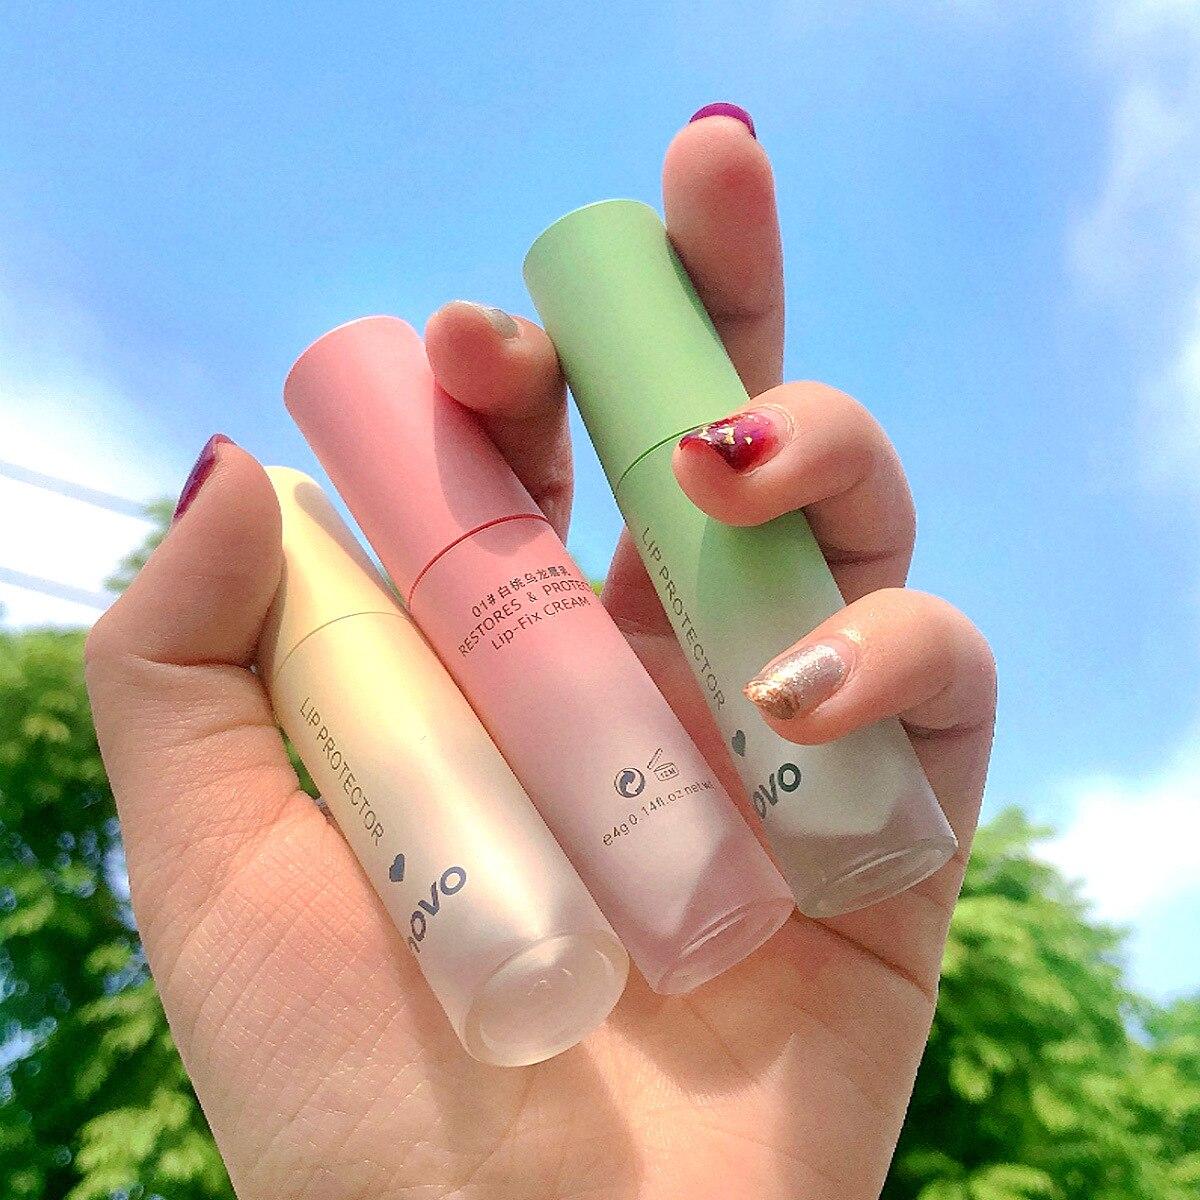 Novo super hidratante labial bálsamo creme protetor linha batom líquido longa duração maquiagem labial matiz cosméticos para o inverno